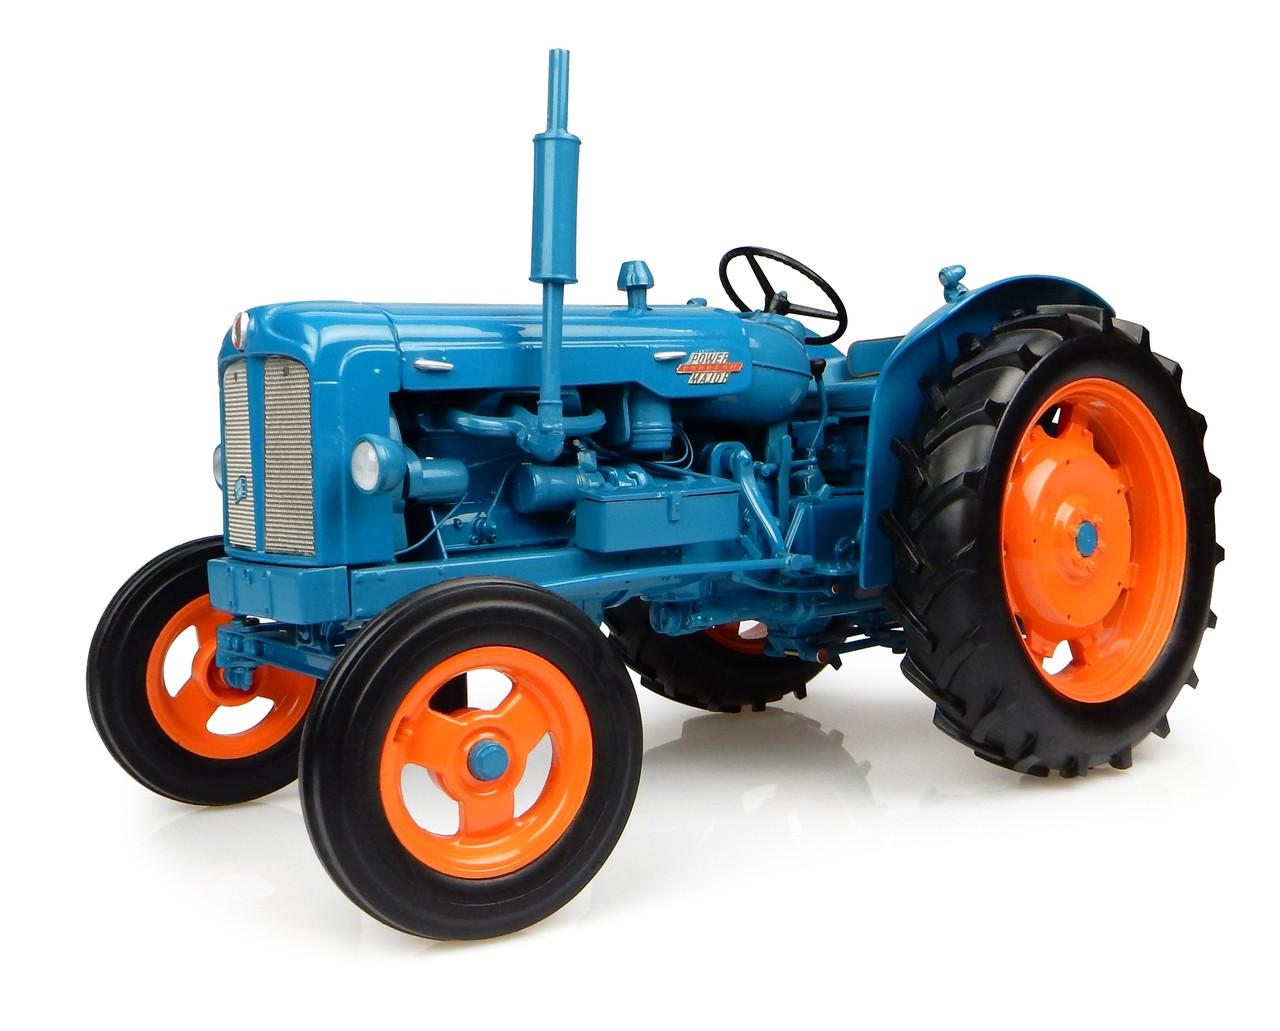 Traktormeterwelle Drehzahlmesserwelle für Fordson Major Power Major Super Major